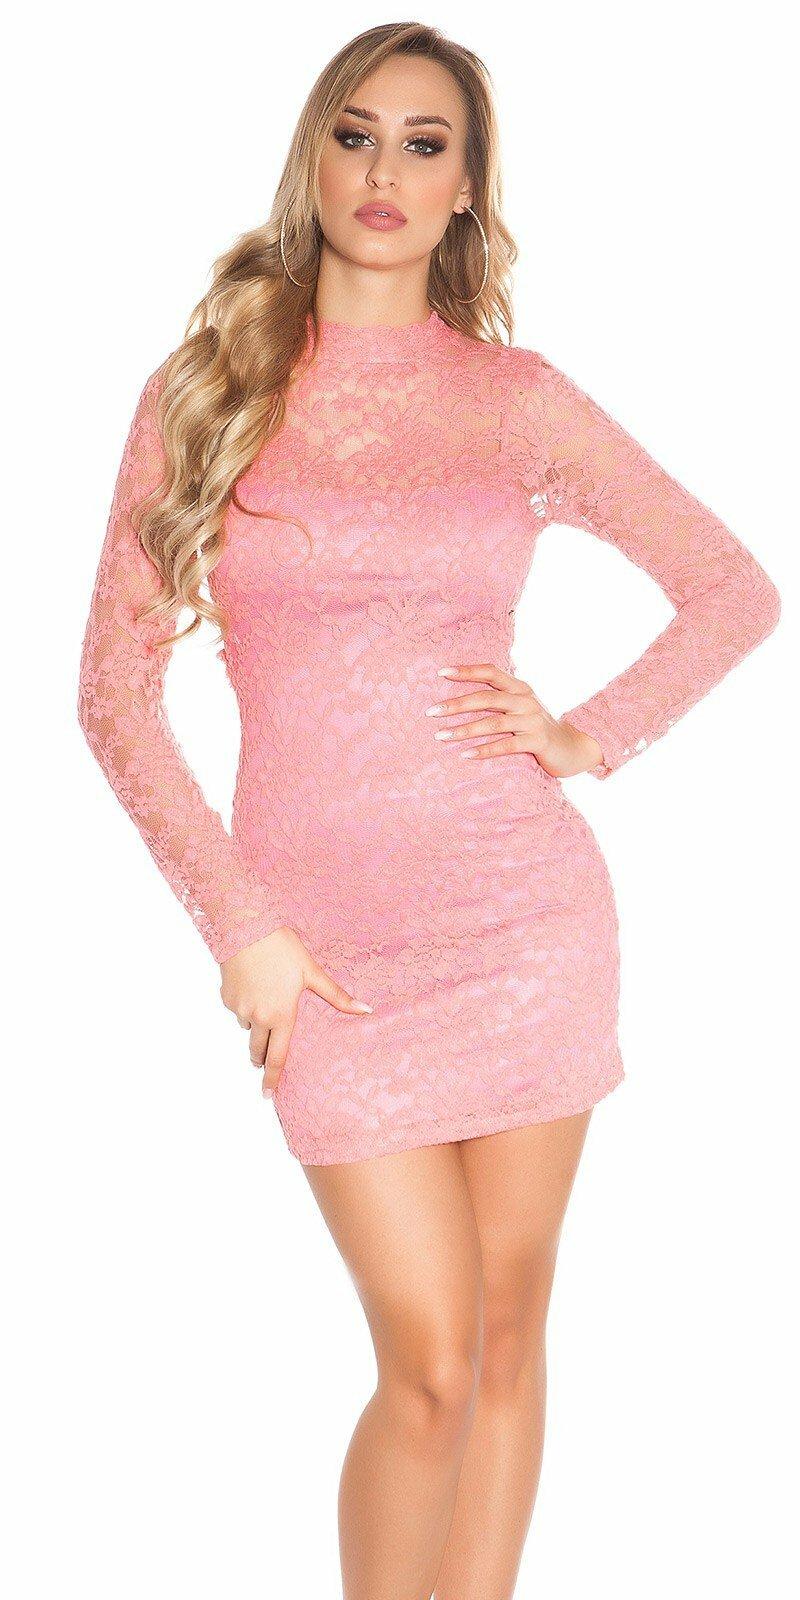 be57448ed252 Čipkované šaty s dlhým rukávom  Veľkosť Univerzálna (XS S M) Farba